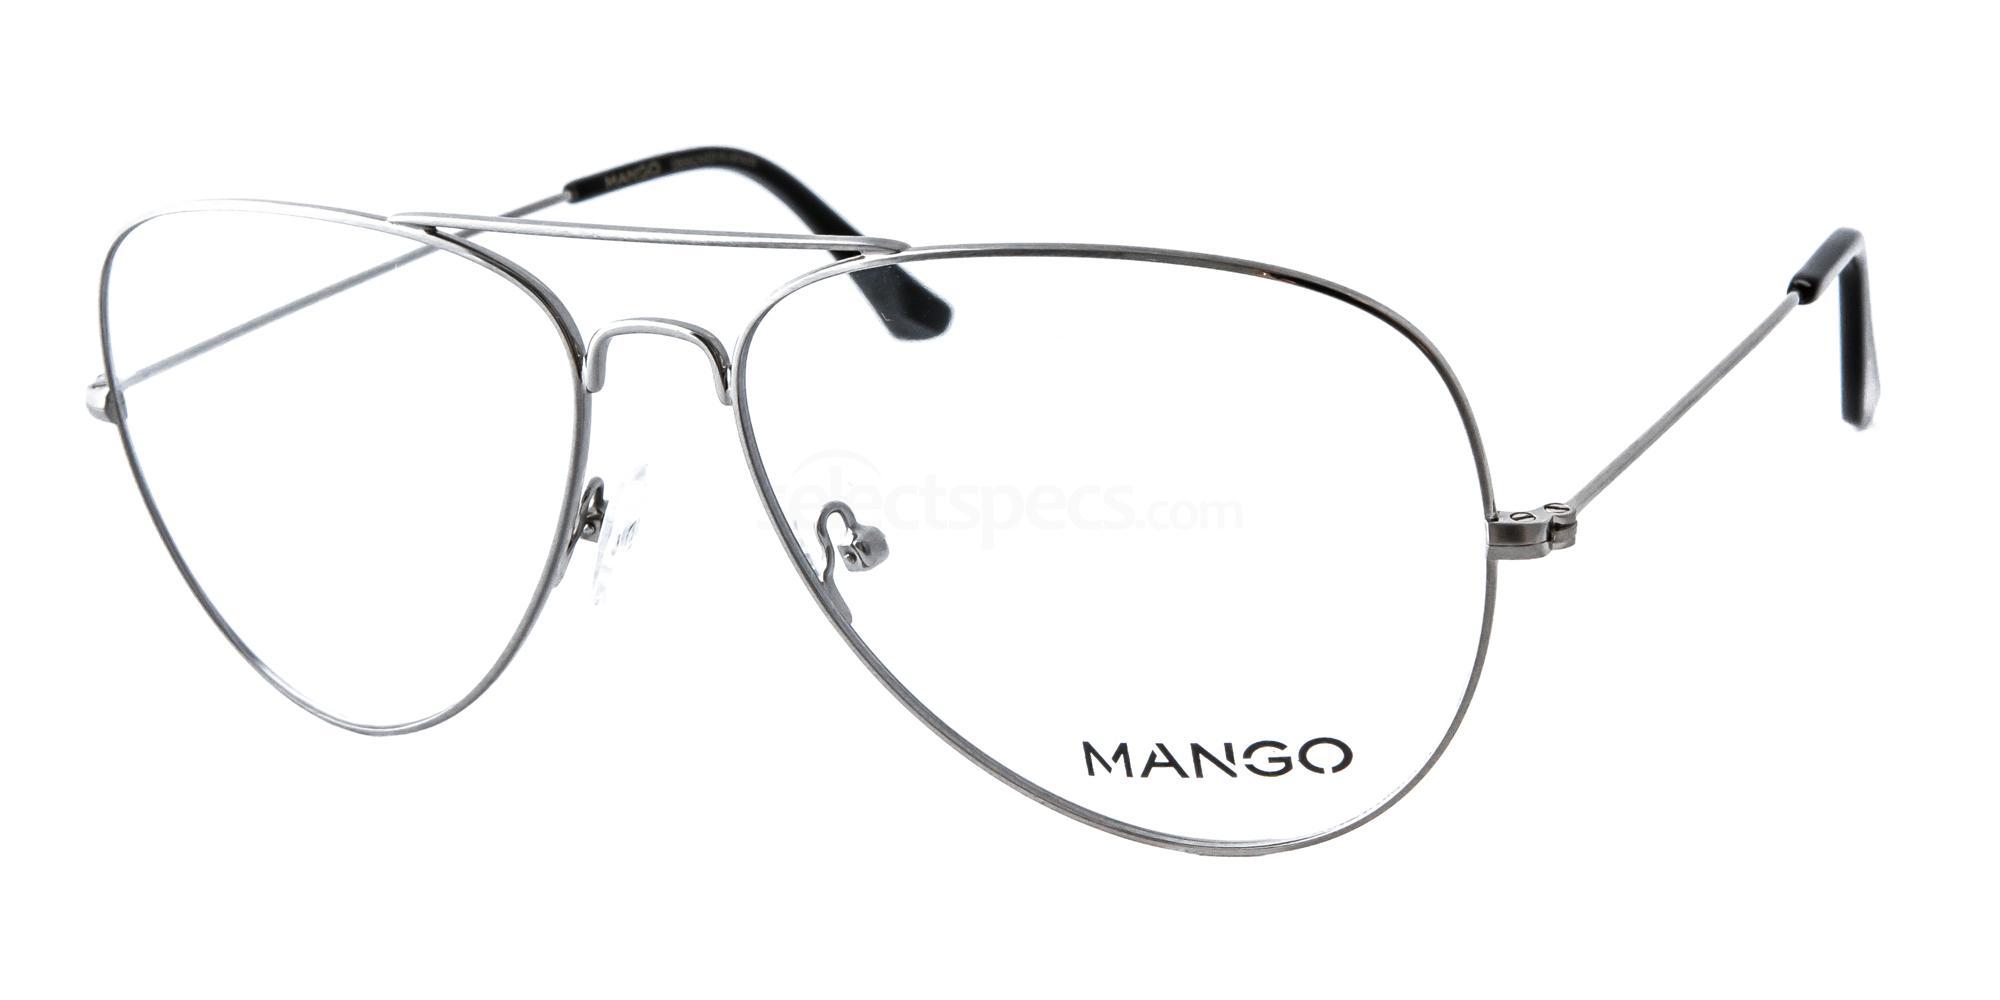 C1 MNG1774 Glasses, MANGO